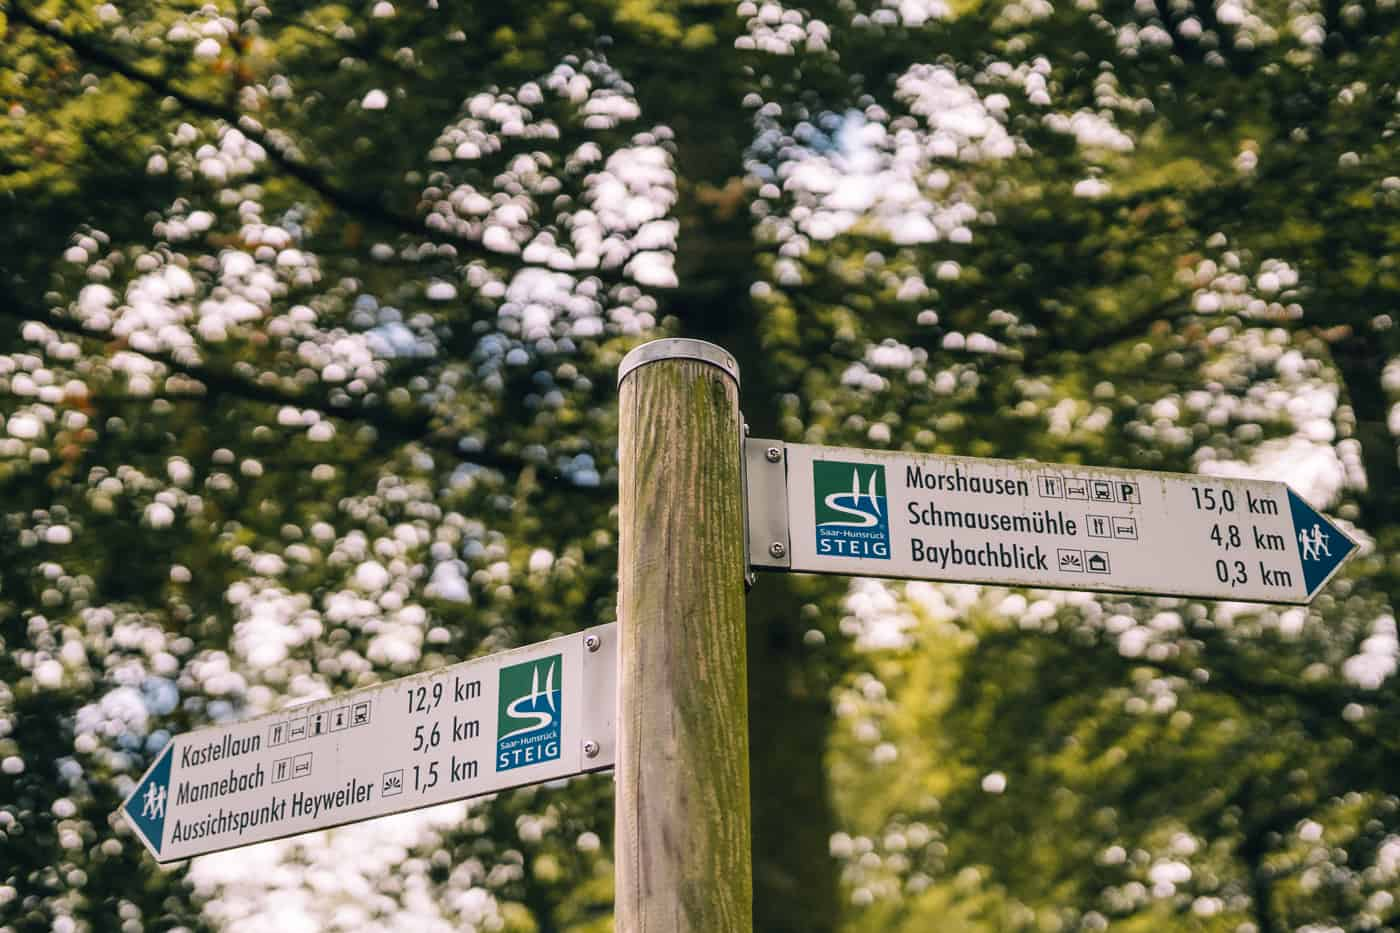 Baybachklamm Traumschleife Wanderung - Wegweiser